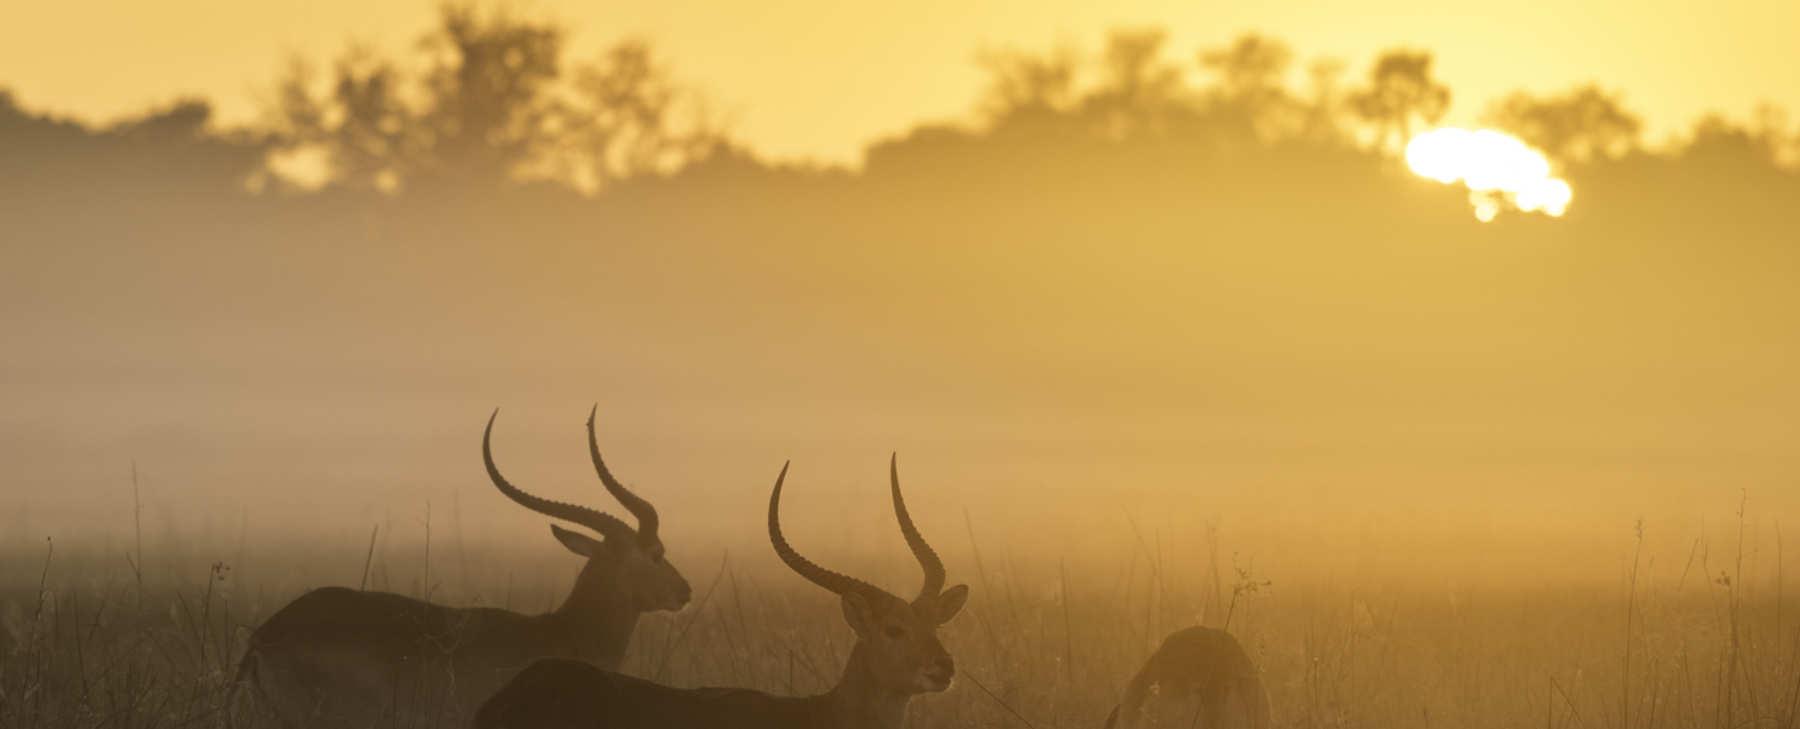 Luxusreise Afrika 5 SvS Travel